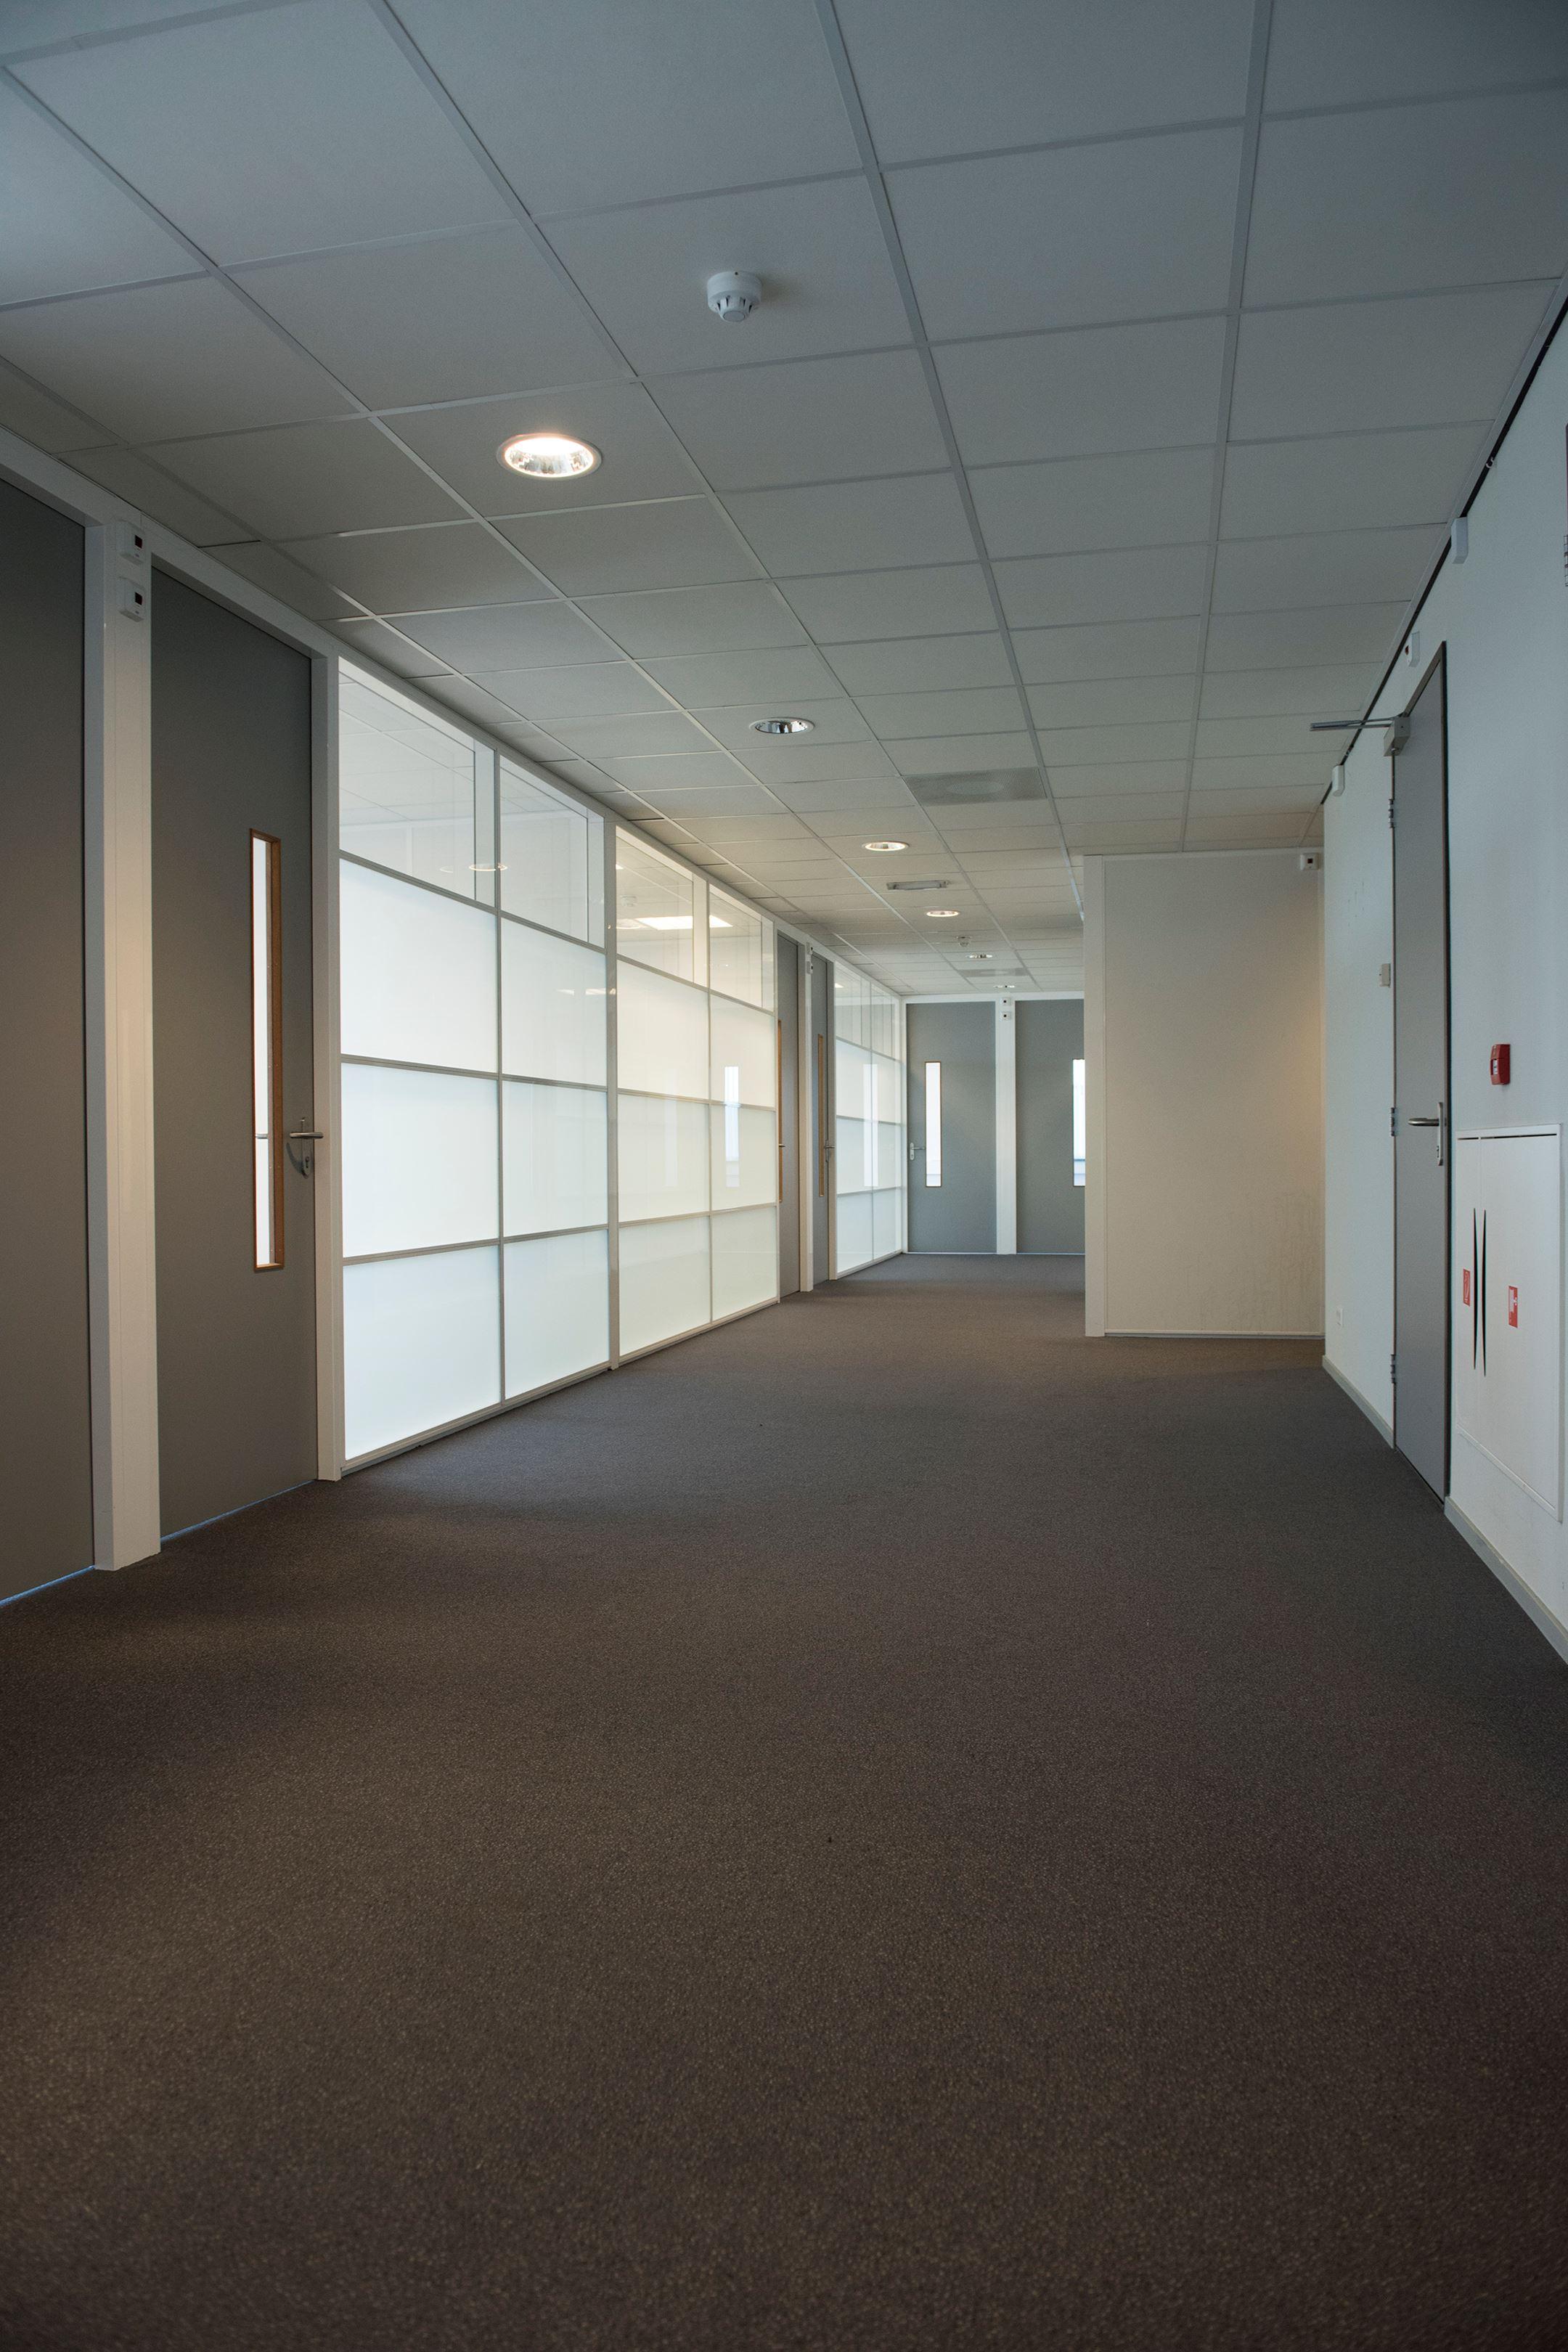 kantoor geldermalsen zoek kantoren te huur de ooyen 5 a 4191 pb